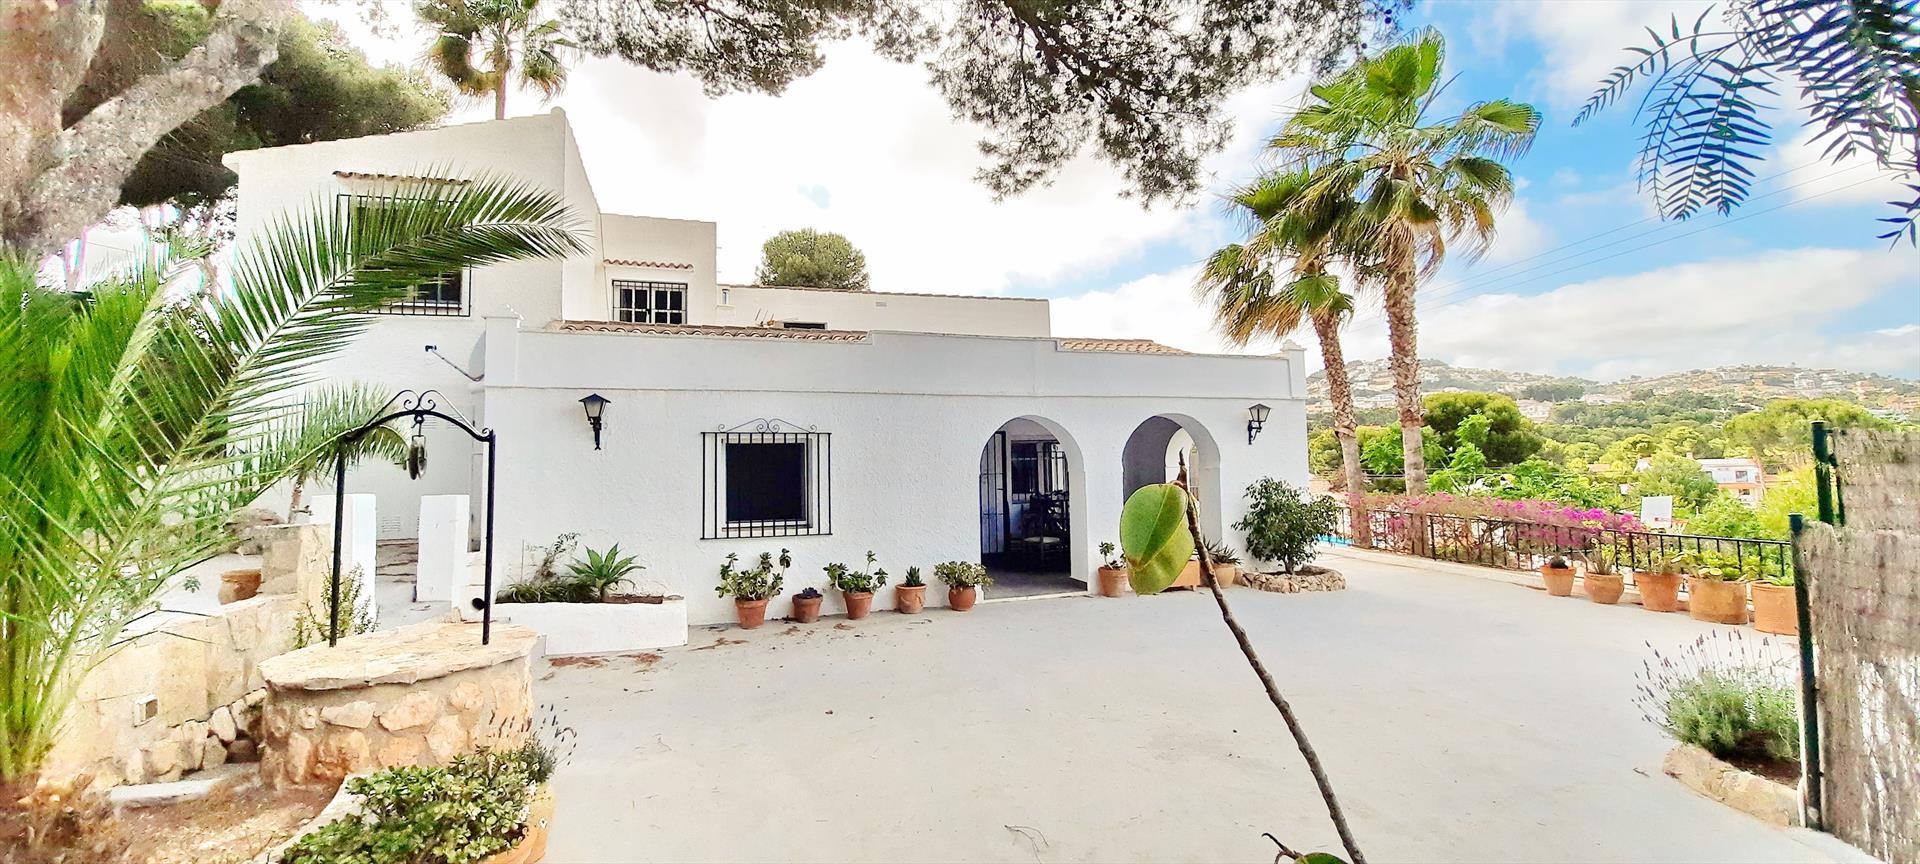 Villa Mamounia Solidays Moraira,Villa maravillosa y acogedora en Moraira, en la Costa Blanca, España  con piscina privada para 8 personas.....